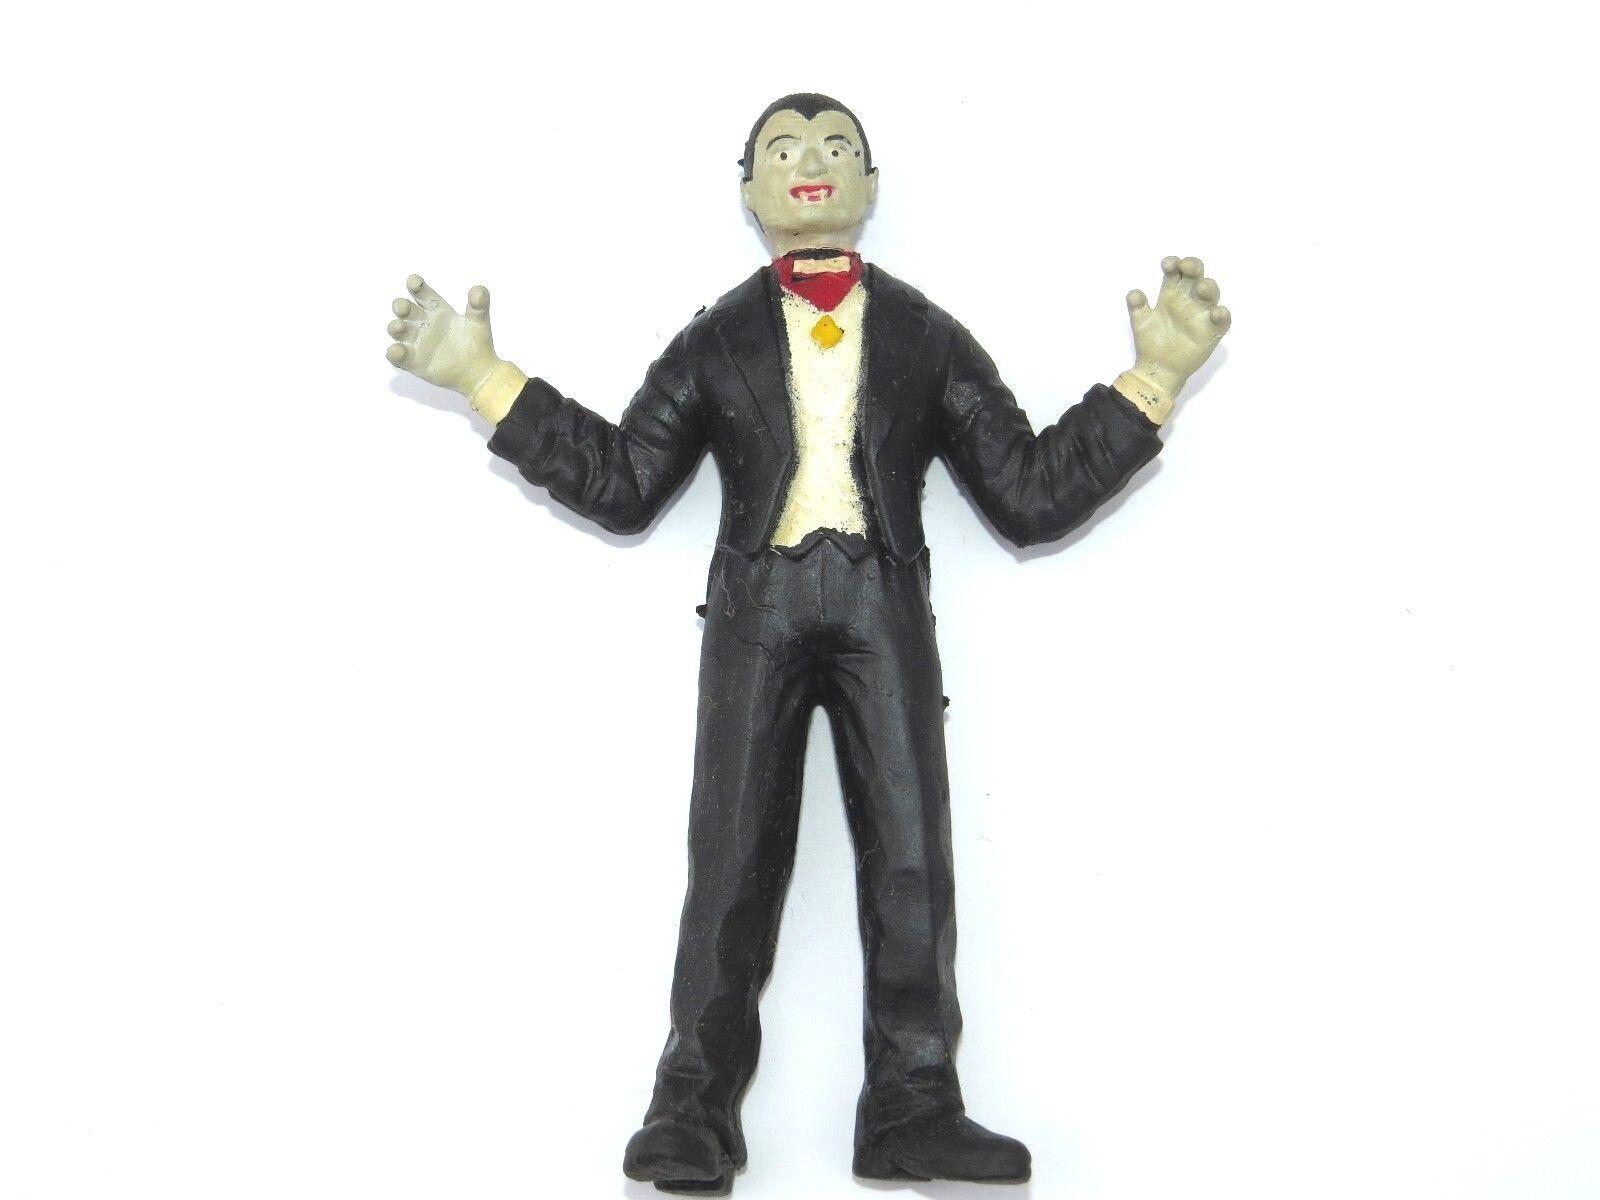 tienda hace compras y ventas Súper Rara Vintage 6  Drácula salvaje figura de de de goma suave relleno Eps del grano  ventas en línea de venta